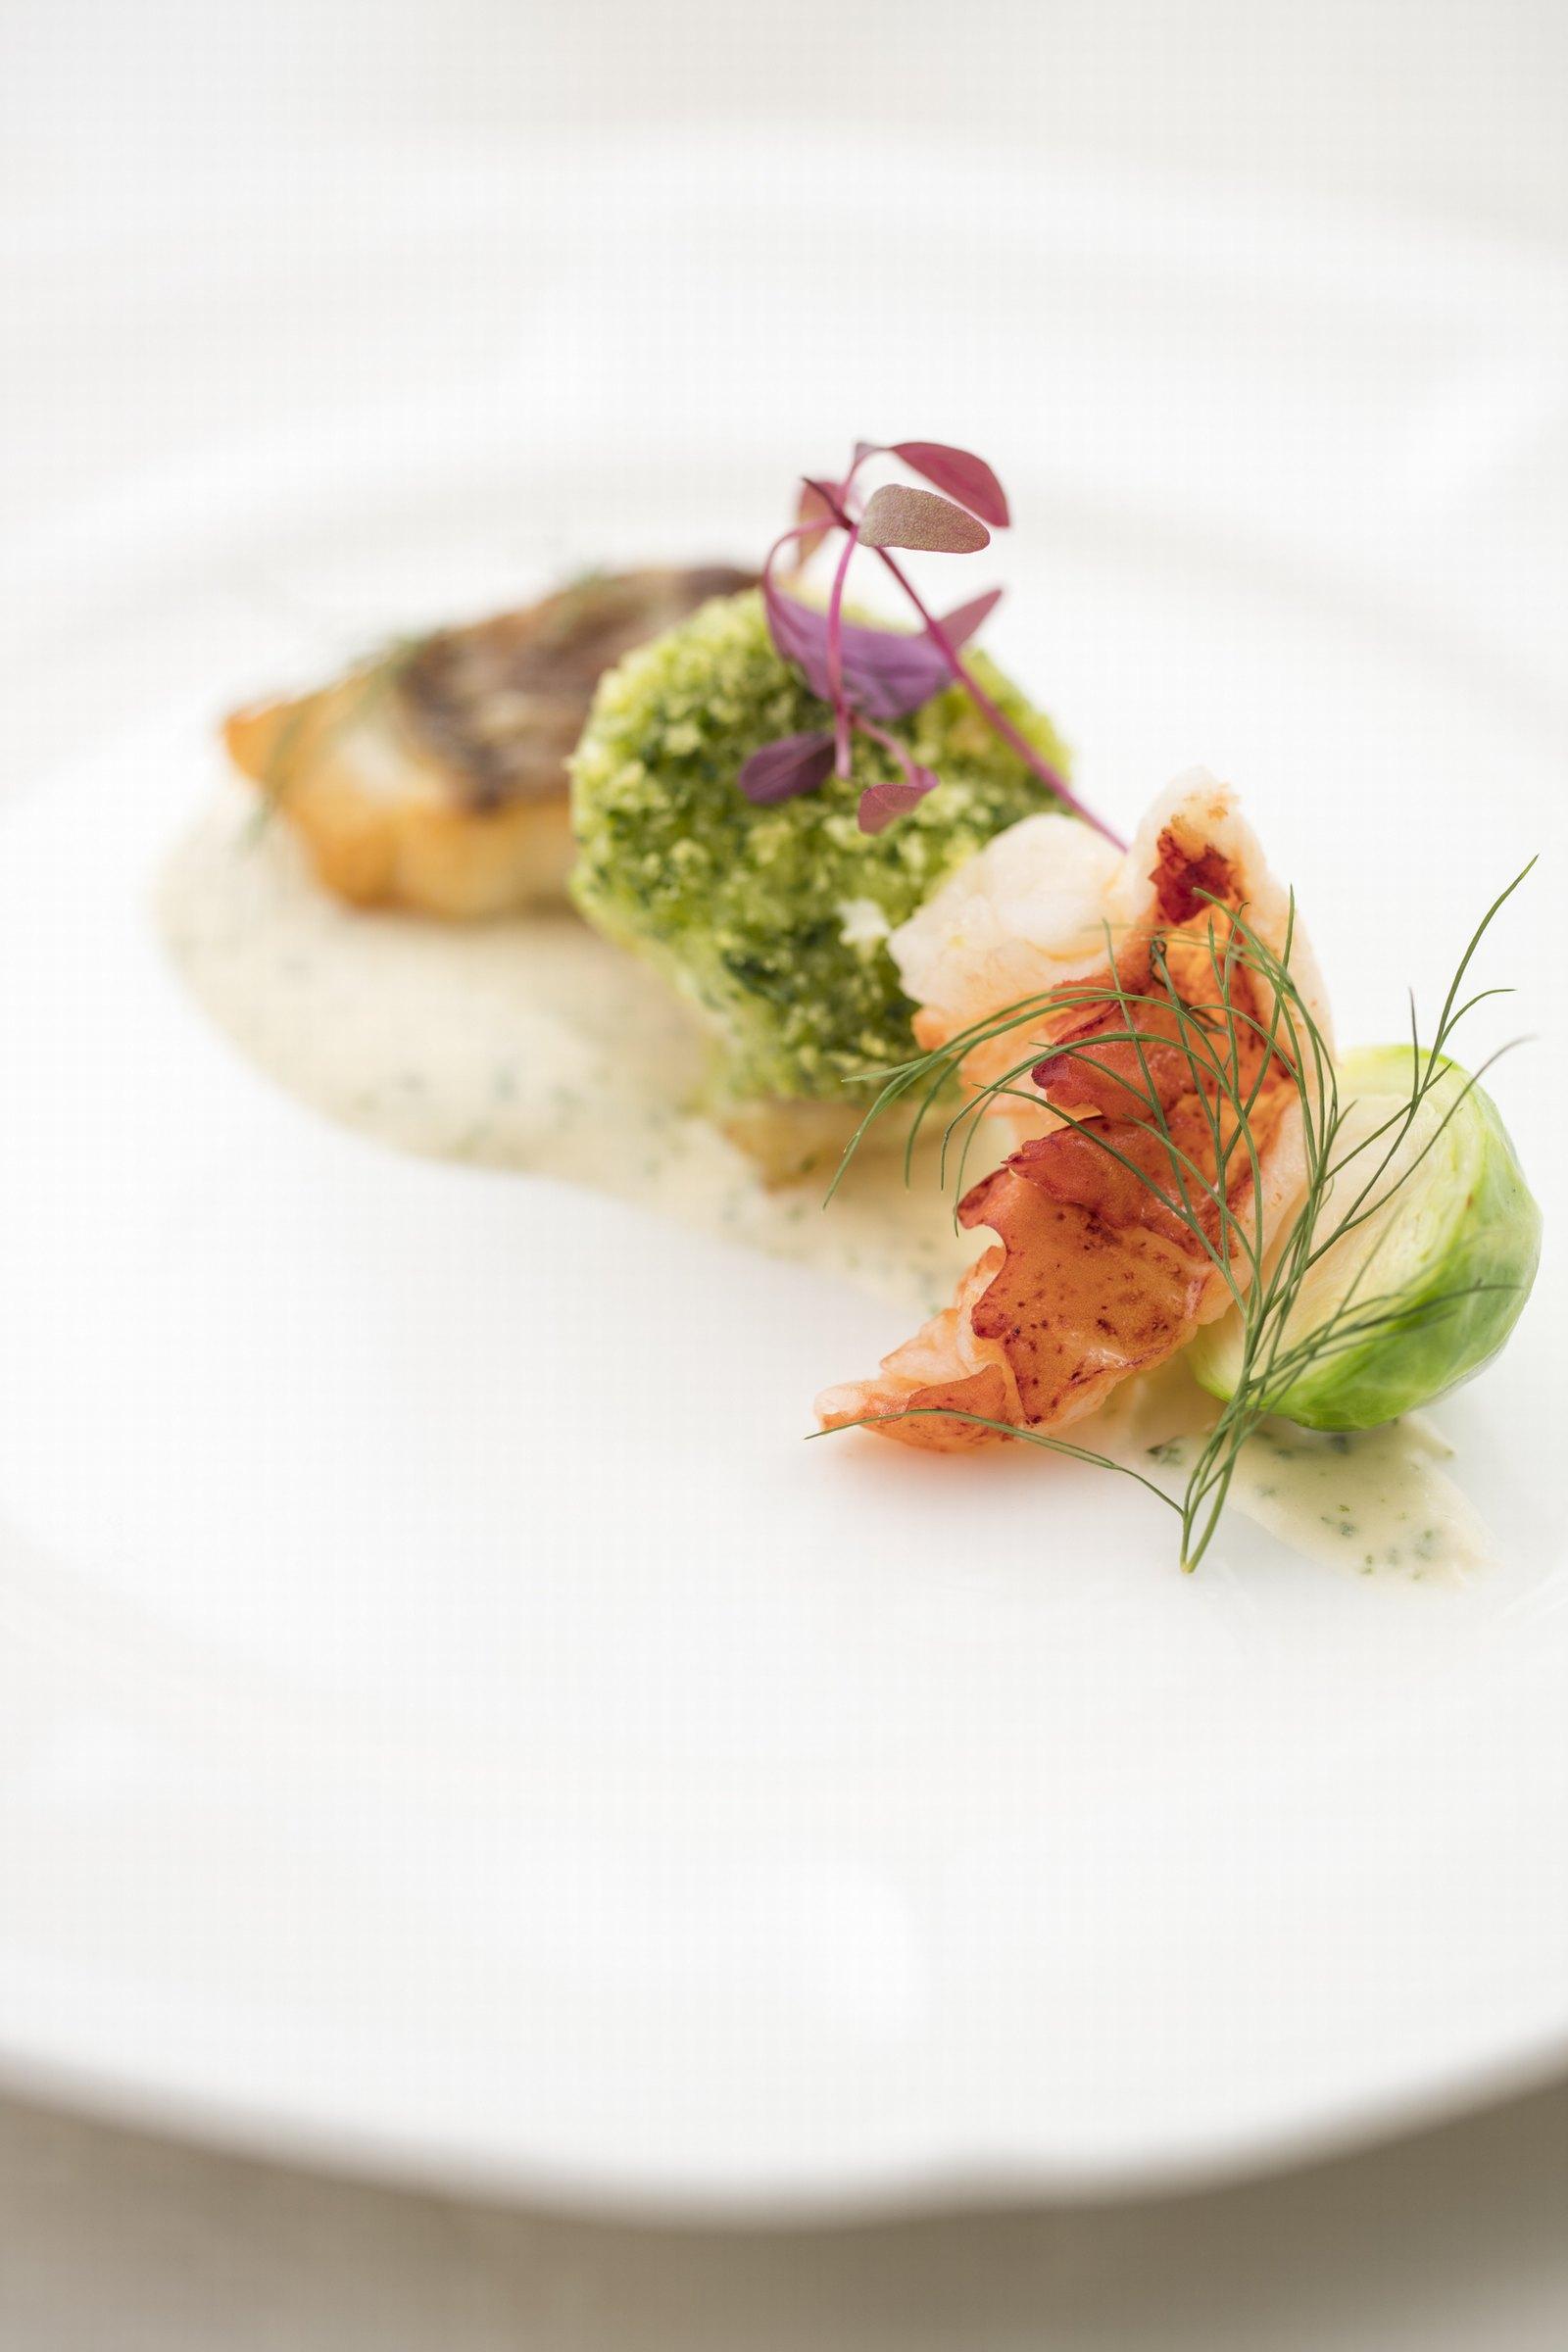 徳島県の結婚式場ブランアンジュの婚礼料理の盛付けイメージ